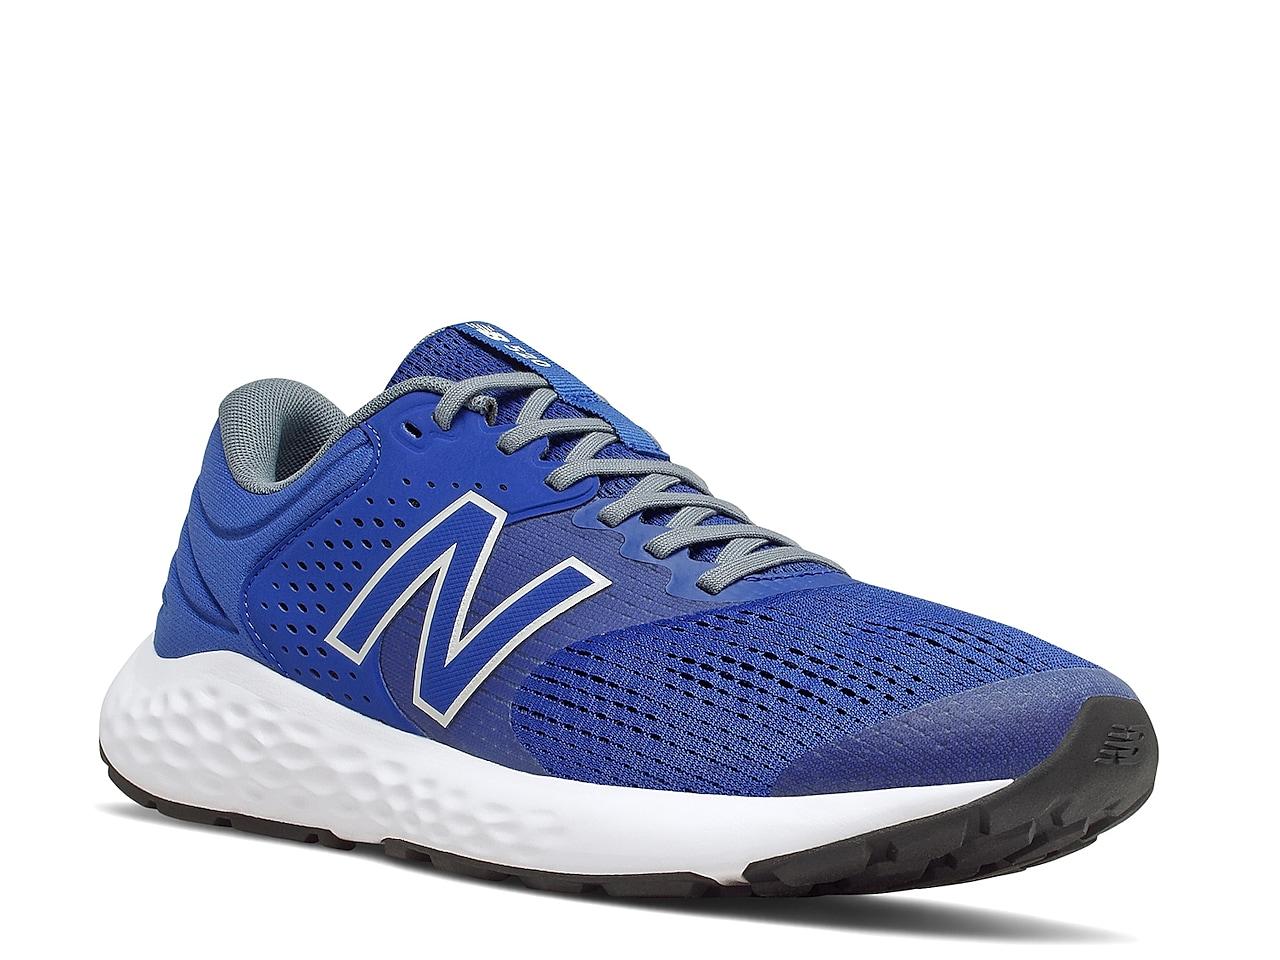 New Balance 520 v7 Running Shoe - Men's